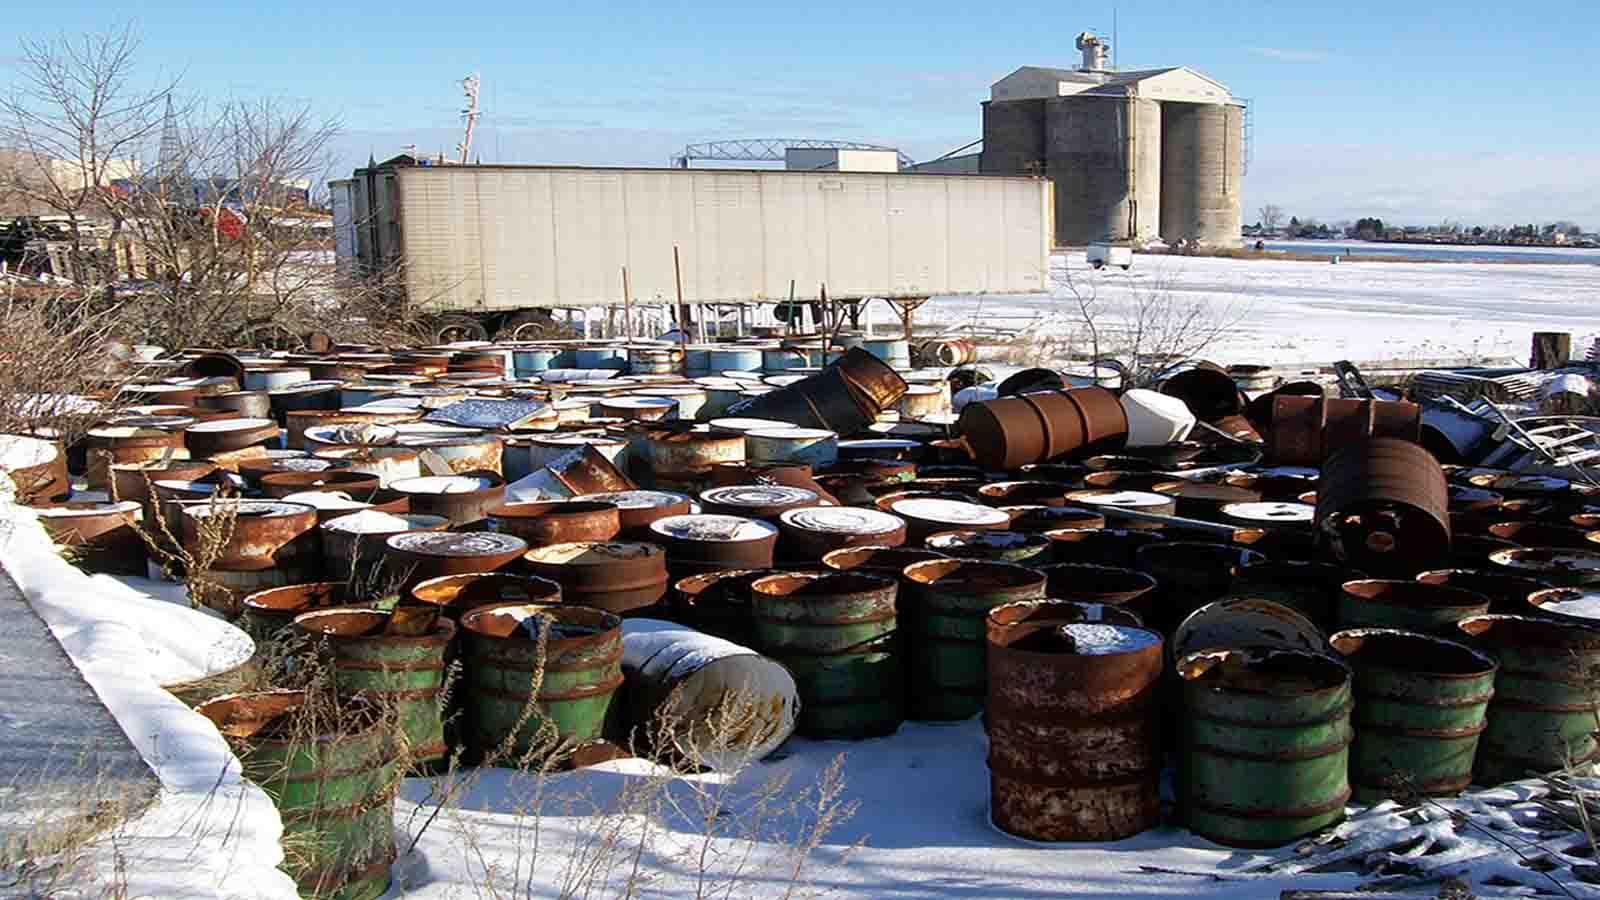 накопление отходов на территории промышленных предприятий